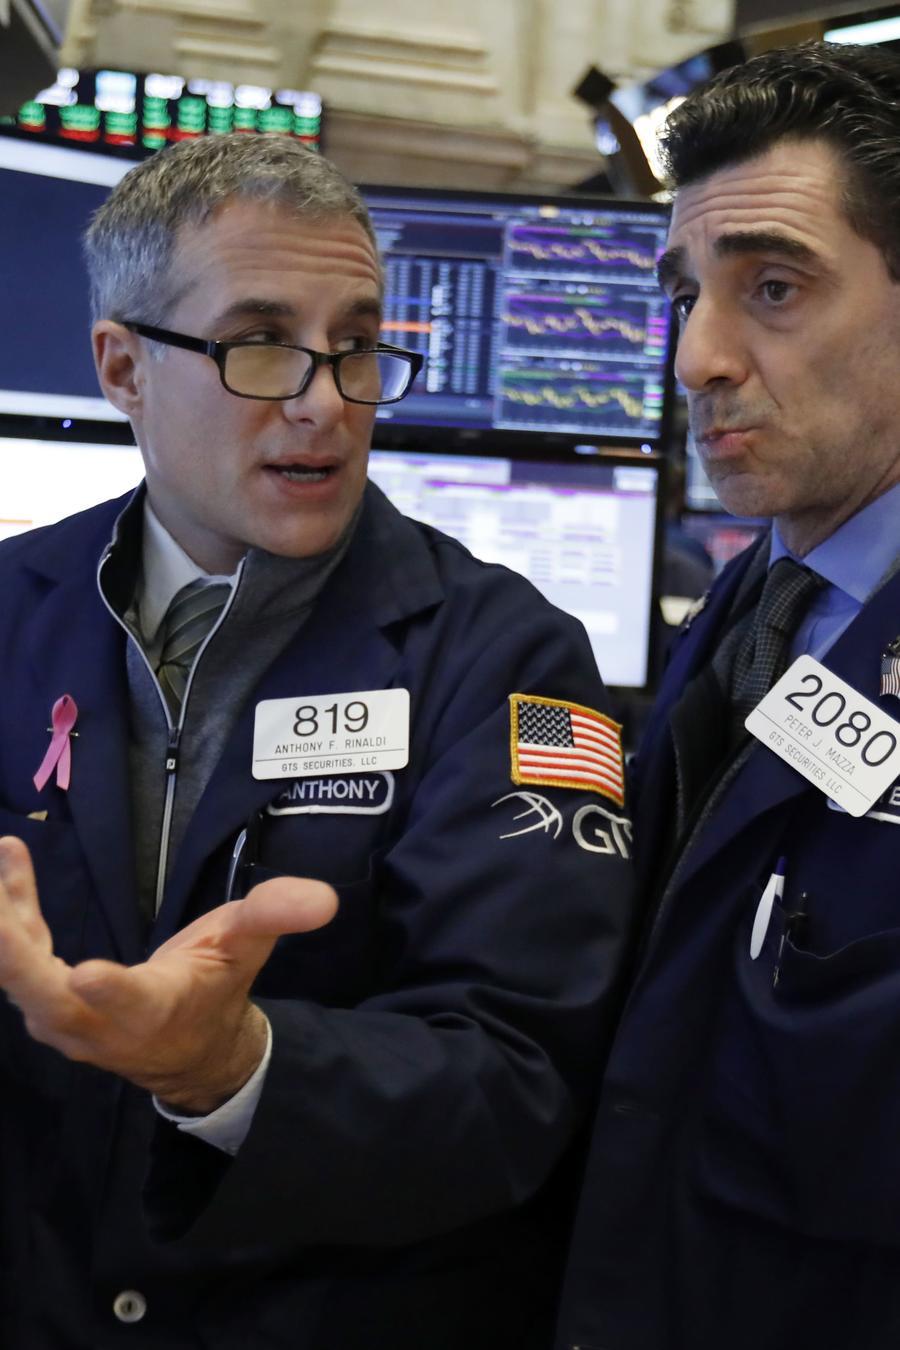 Los especialistas Anthony Rinaldi, a la izquierda, y Peter Mazza consultan mientras trabajan en el piso de la Bolsa de Nueva York